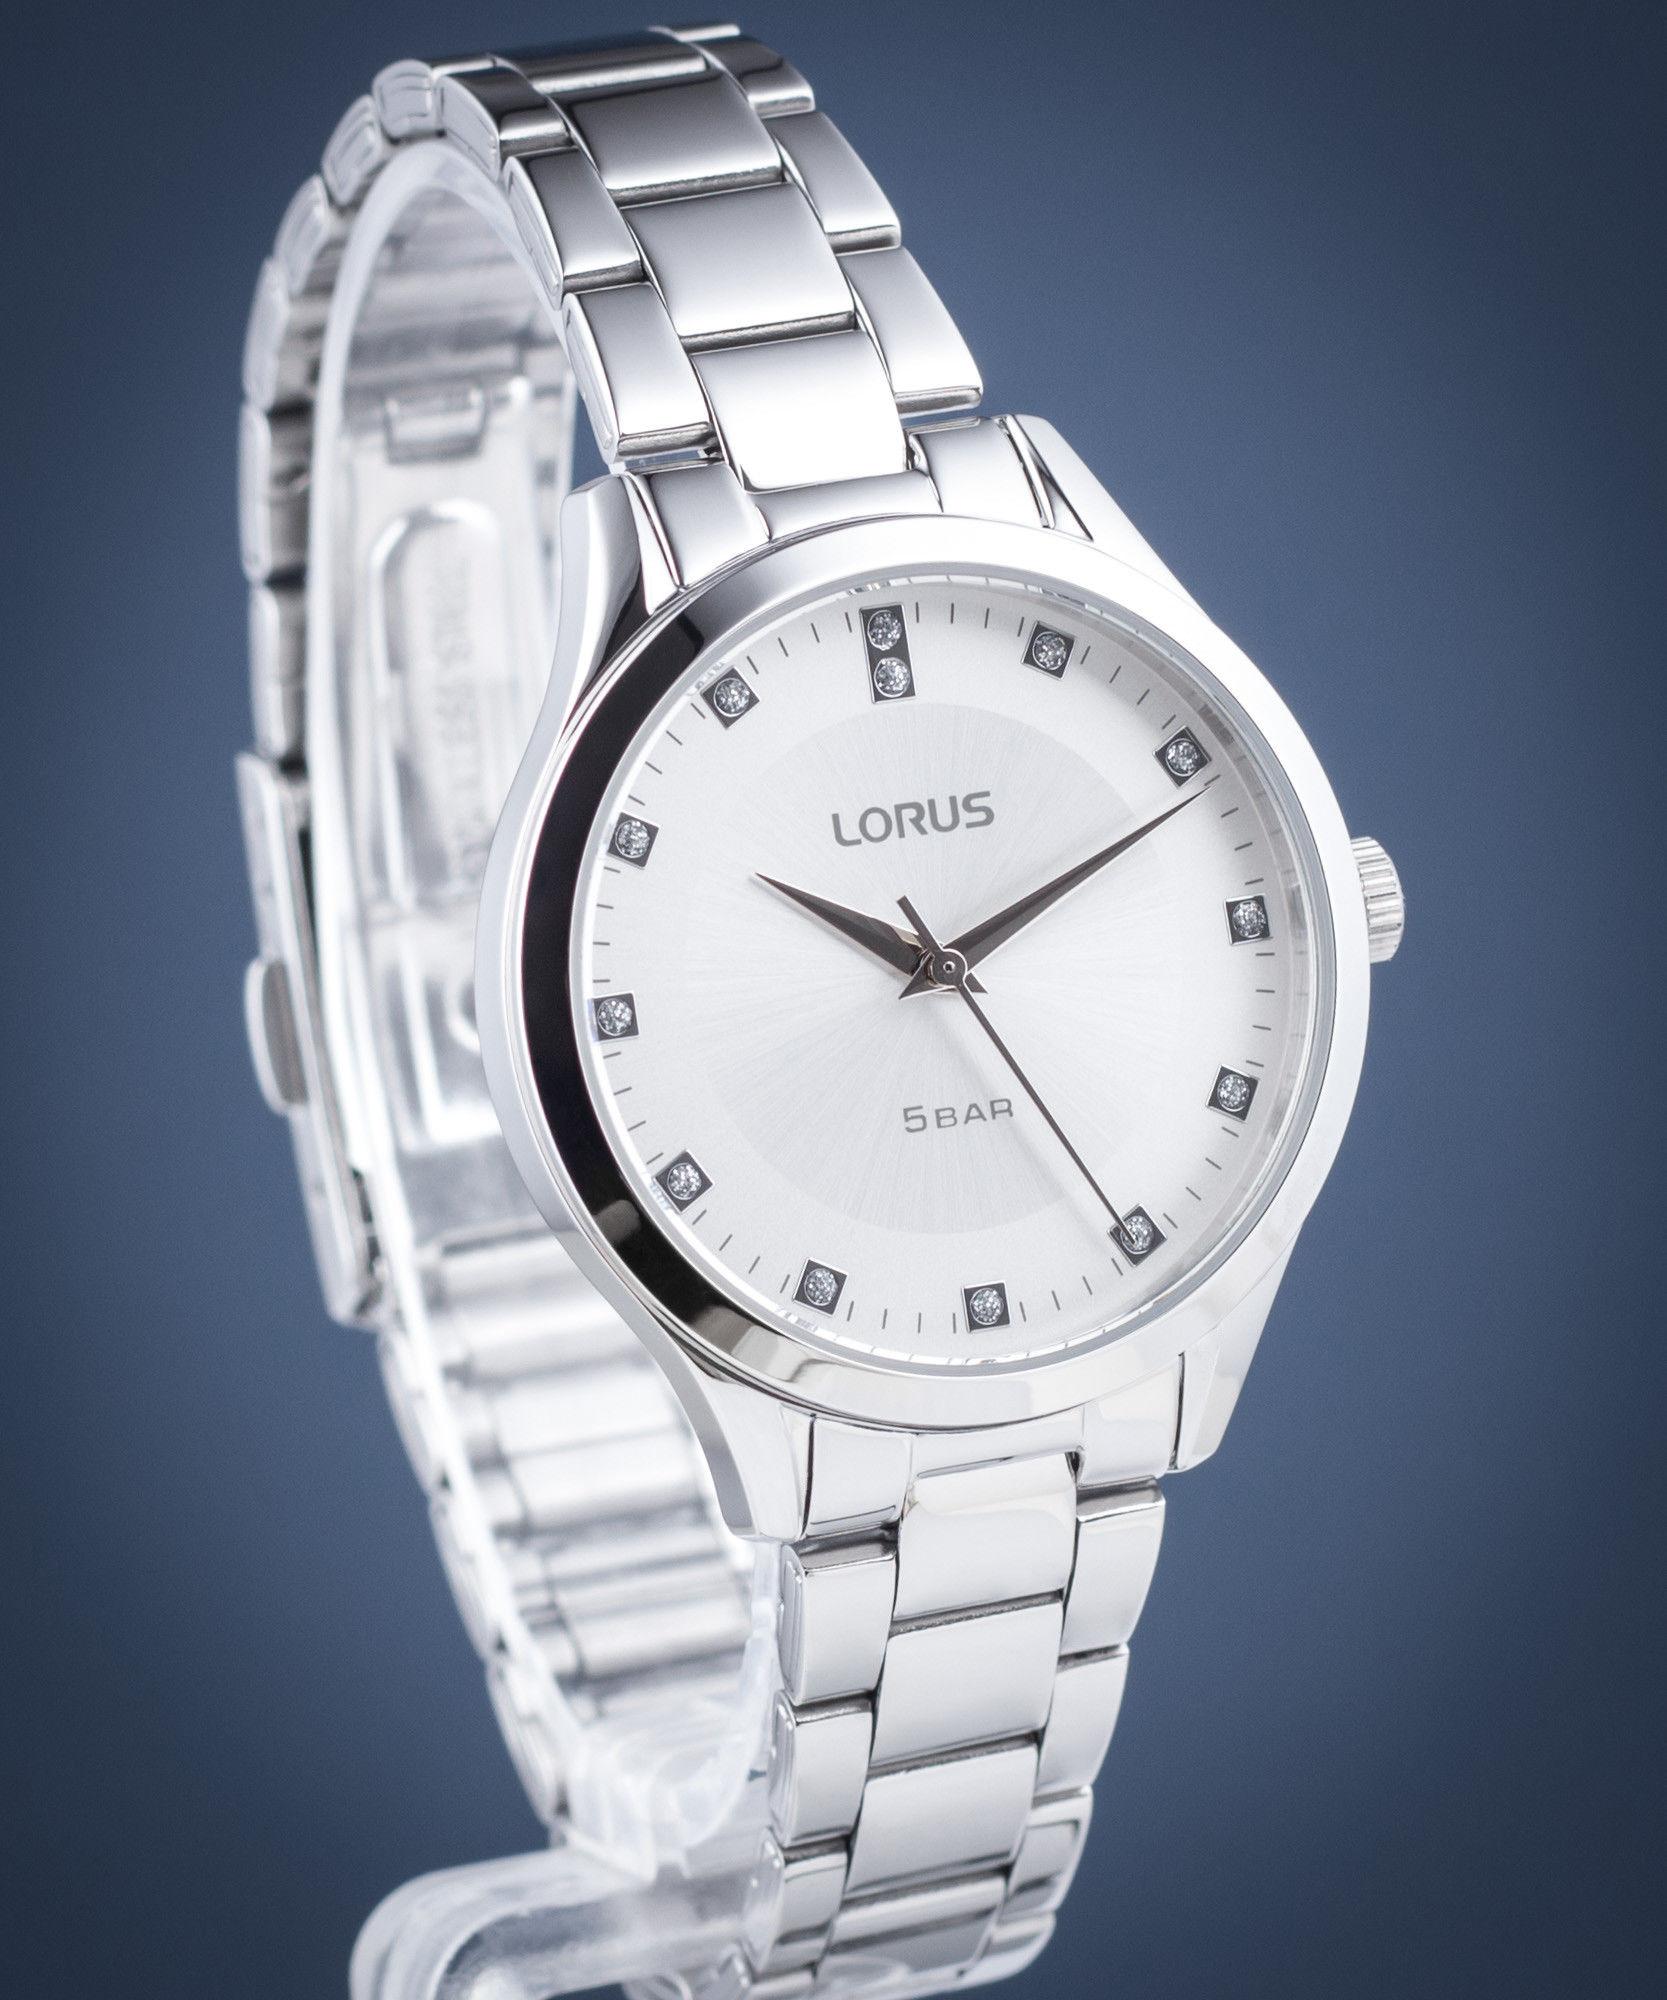 Zegarek Lorus RG201RX9 - CENA DO NEGOCJACJI - DOSTAWA DHL GRATIS, KUPUJ BEZ RYZYKA - 100 dni na zwrot, możliwość wygrawerowania dowolnego tekstu.